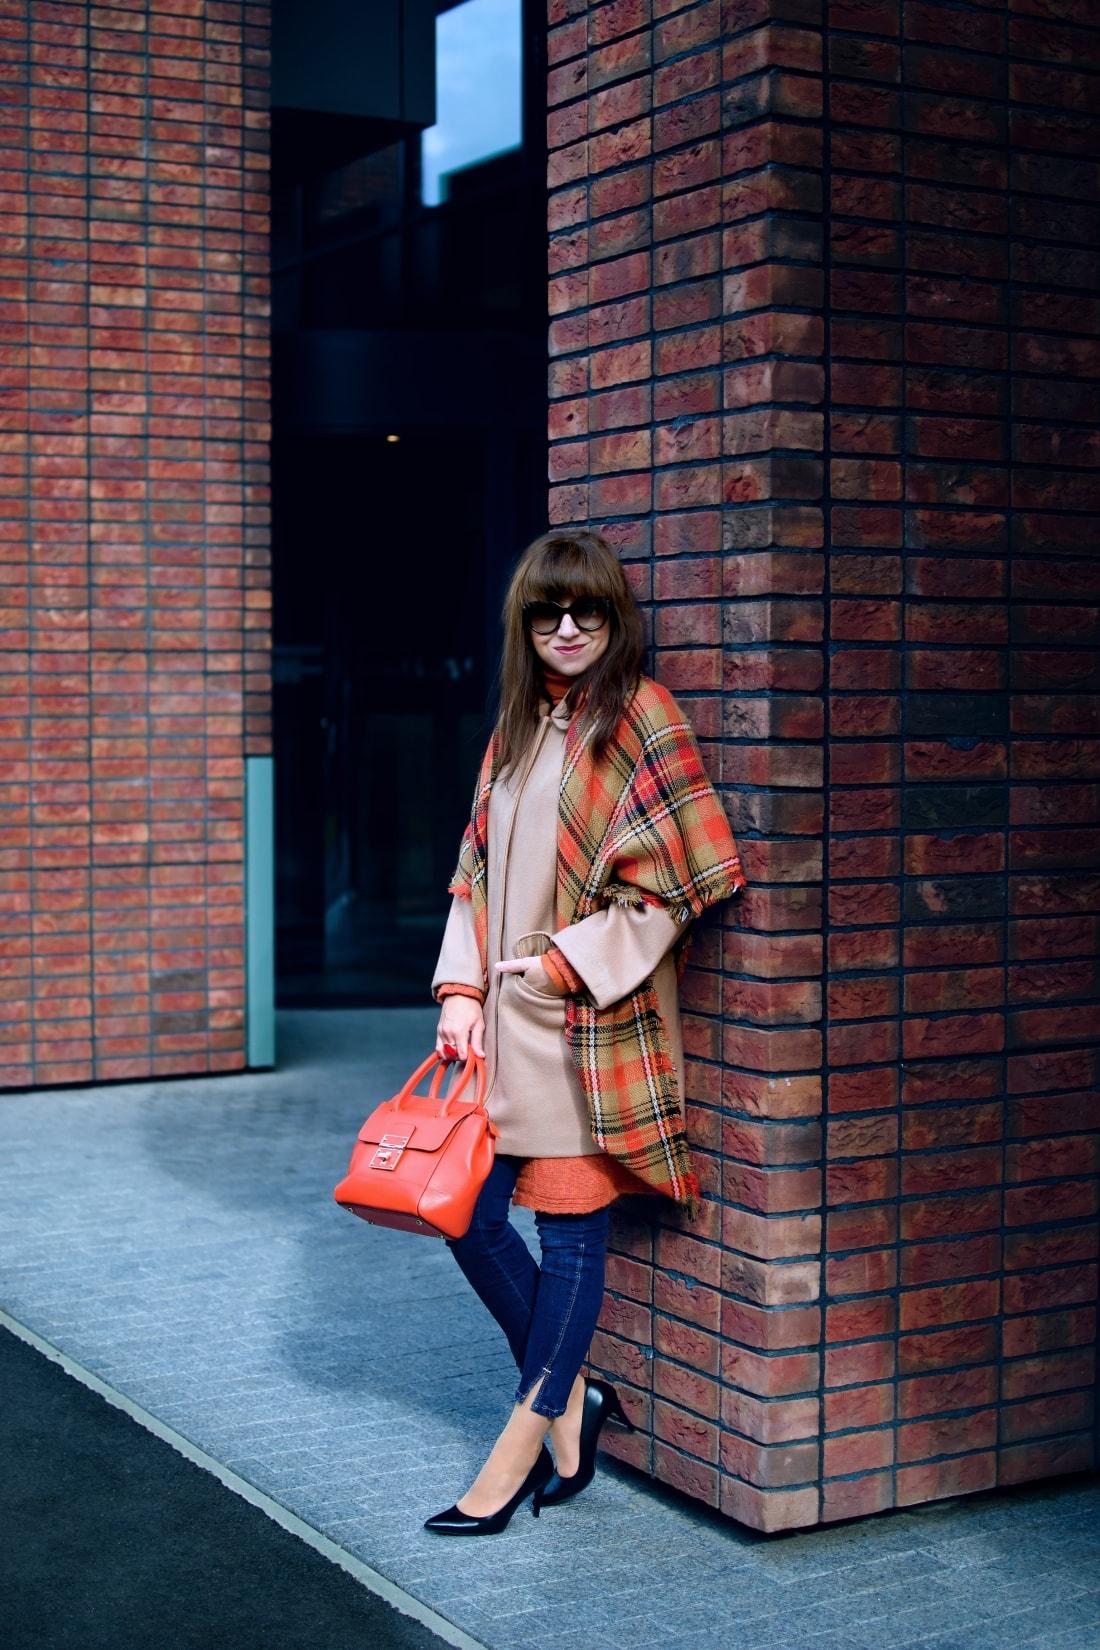 Outfit vecou nálady_Katharine-fashion is beautiful_ blog 2_Tartanový šál_Béžový kabát Mango_Oranžová kabelka Nucelle_Katarína Jakubčová_Fashion blogger